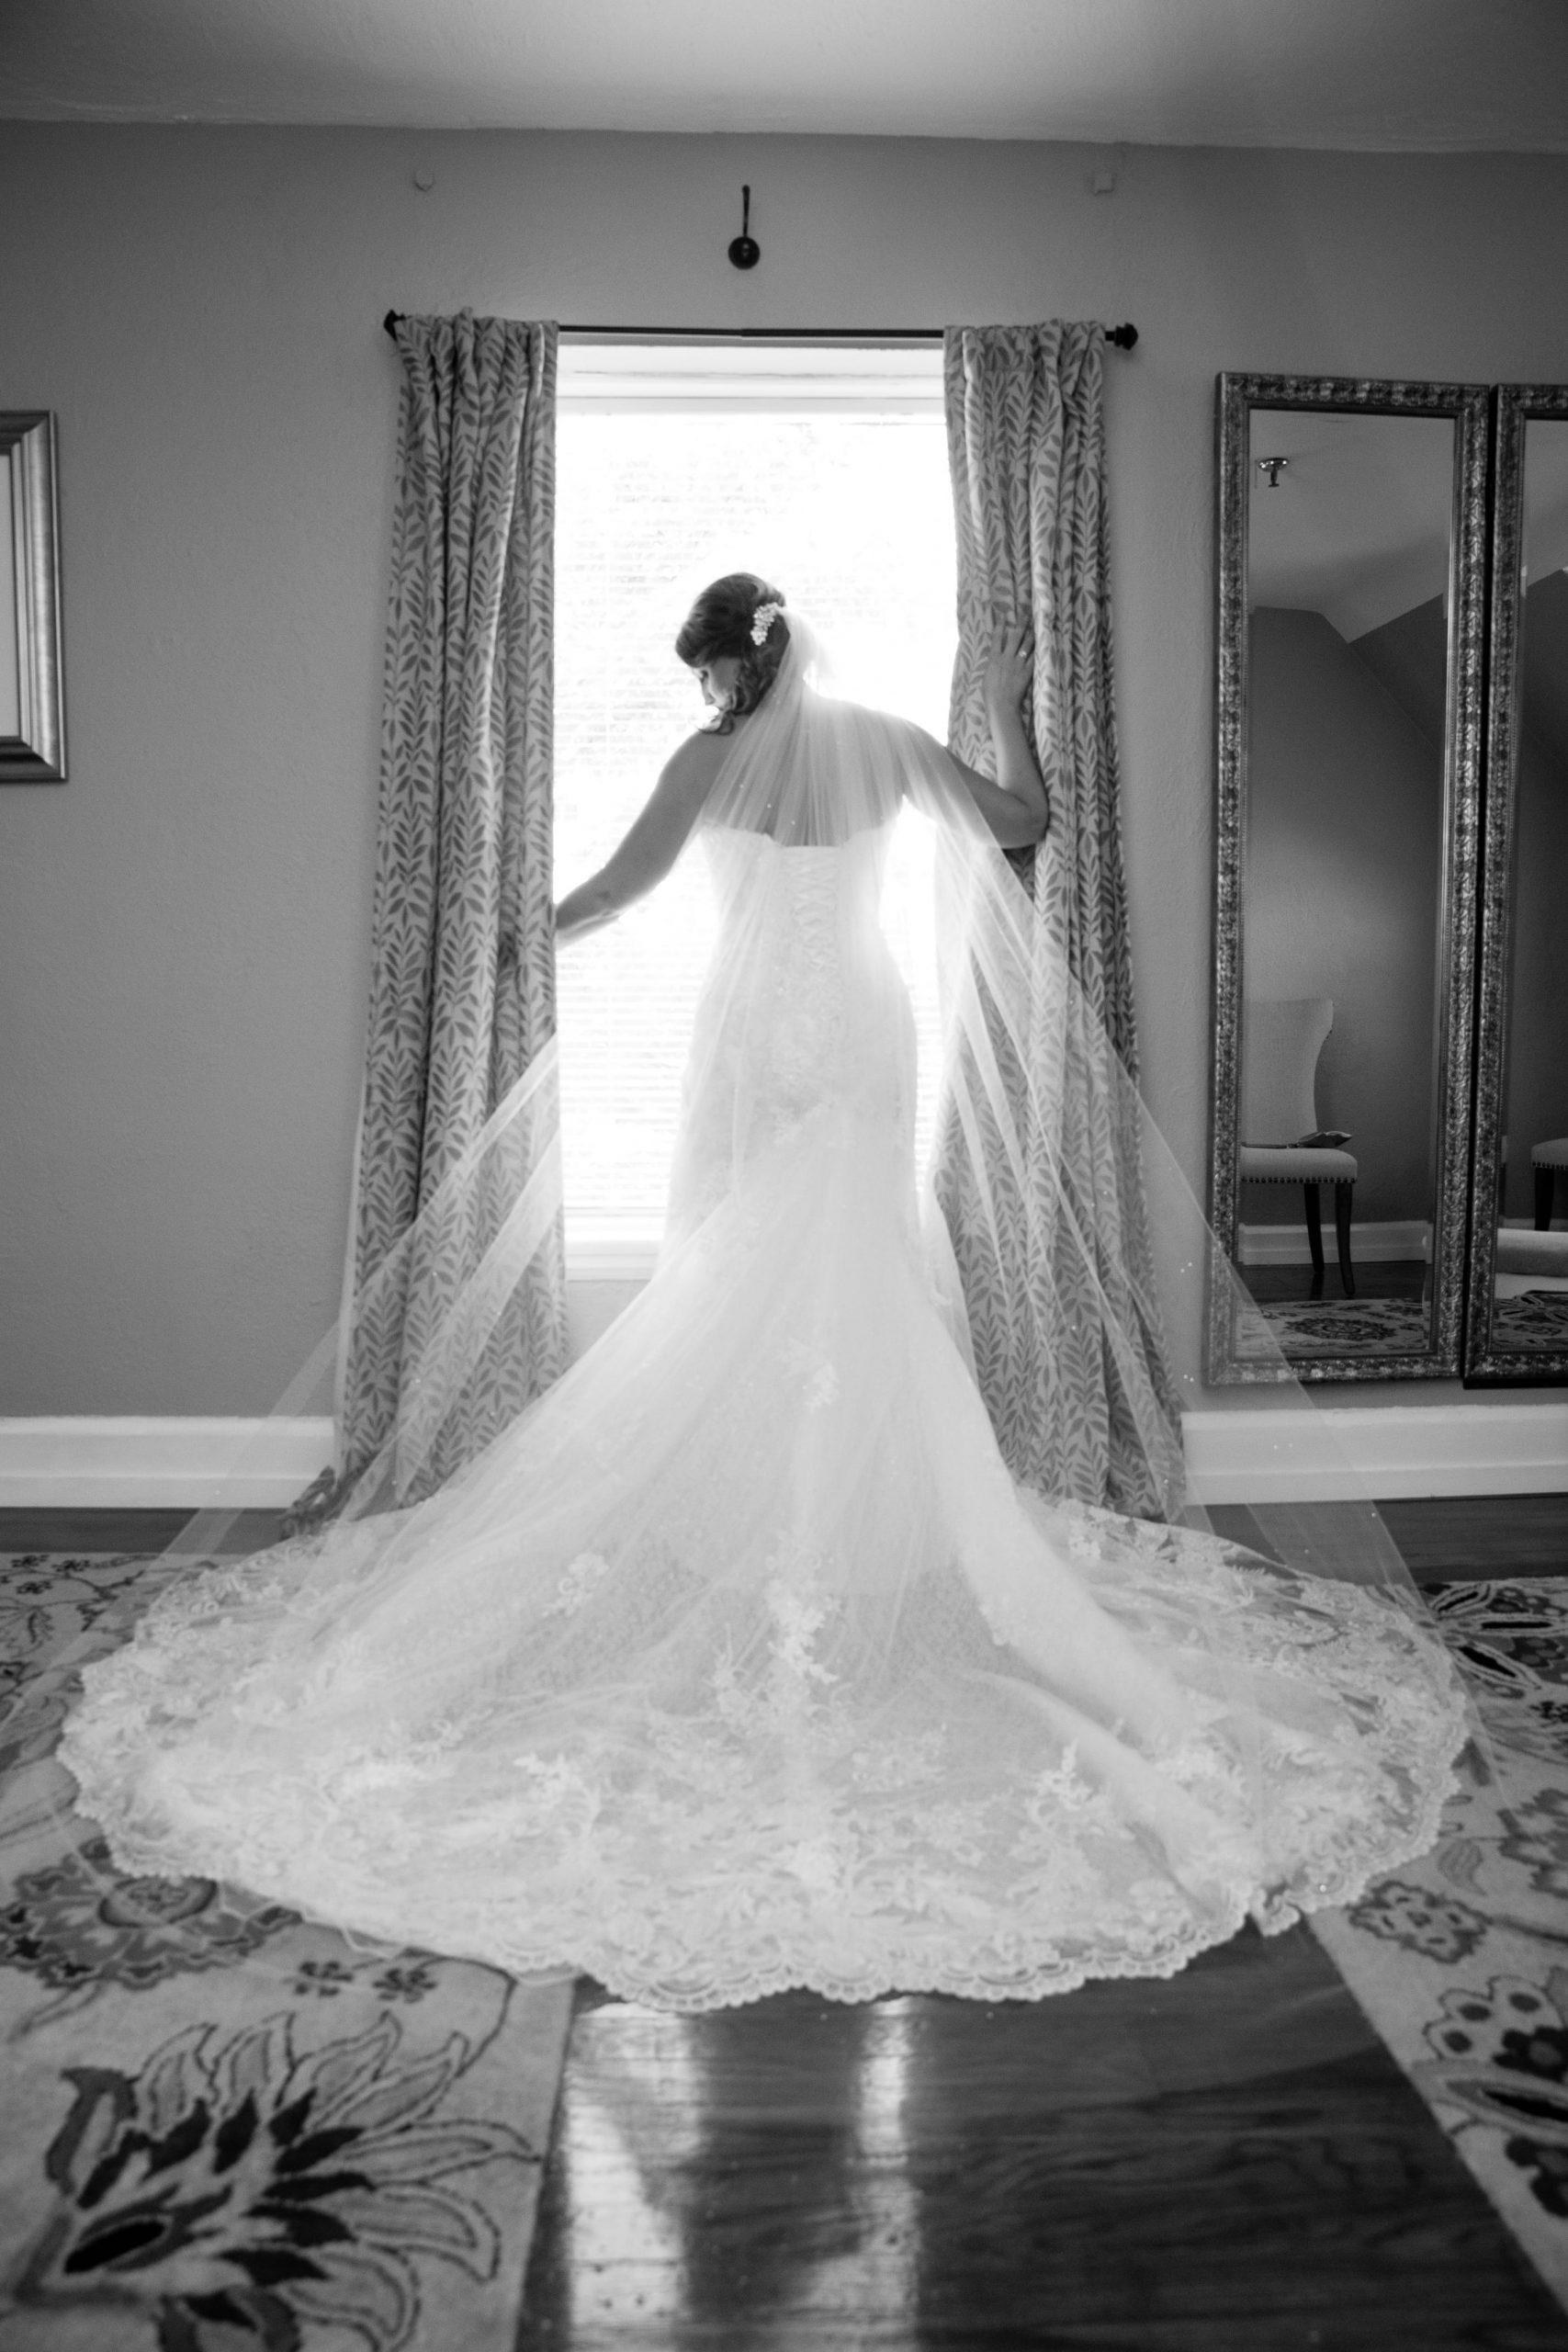 bride portrait showing dress details pre-ceremony